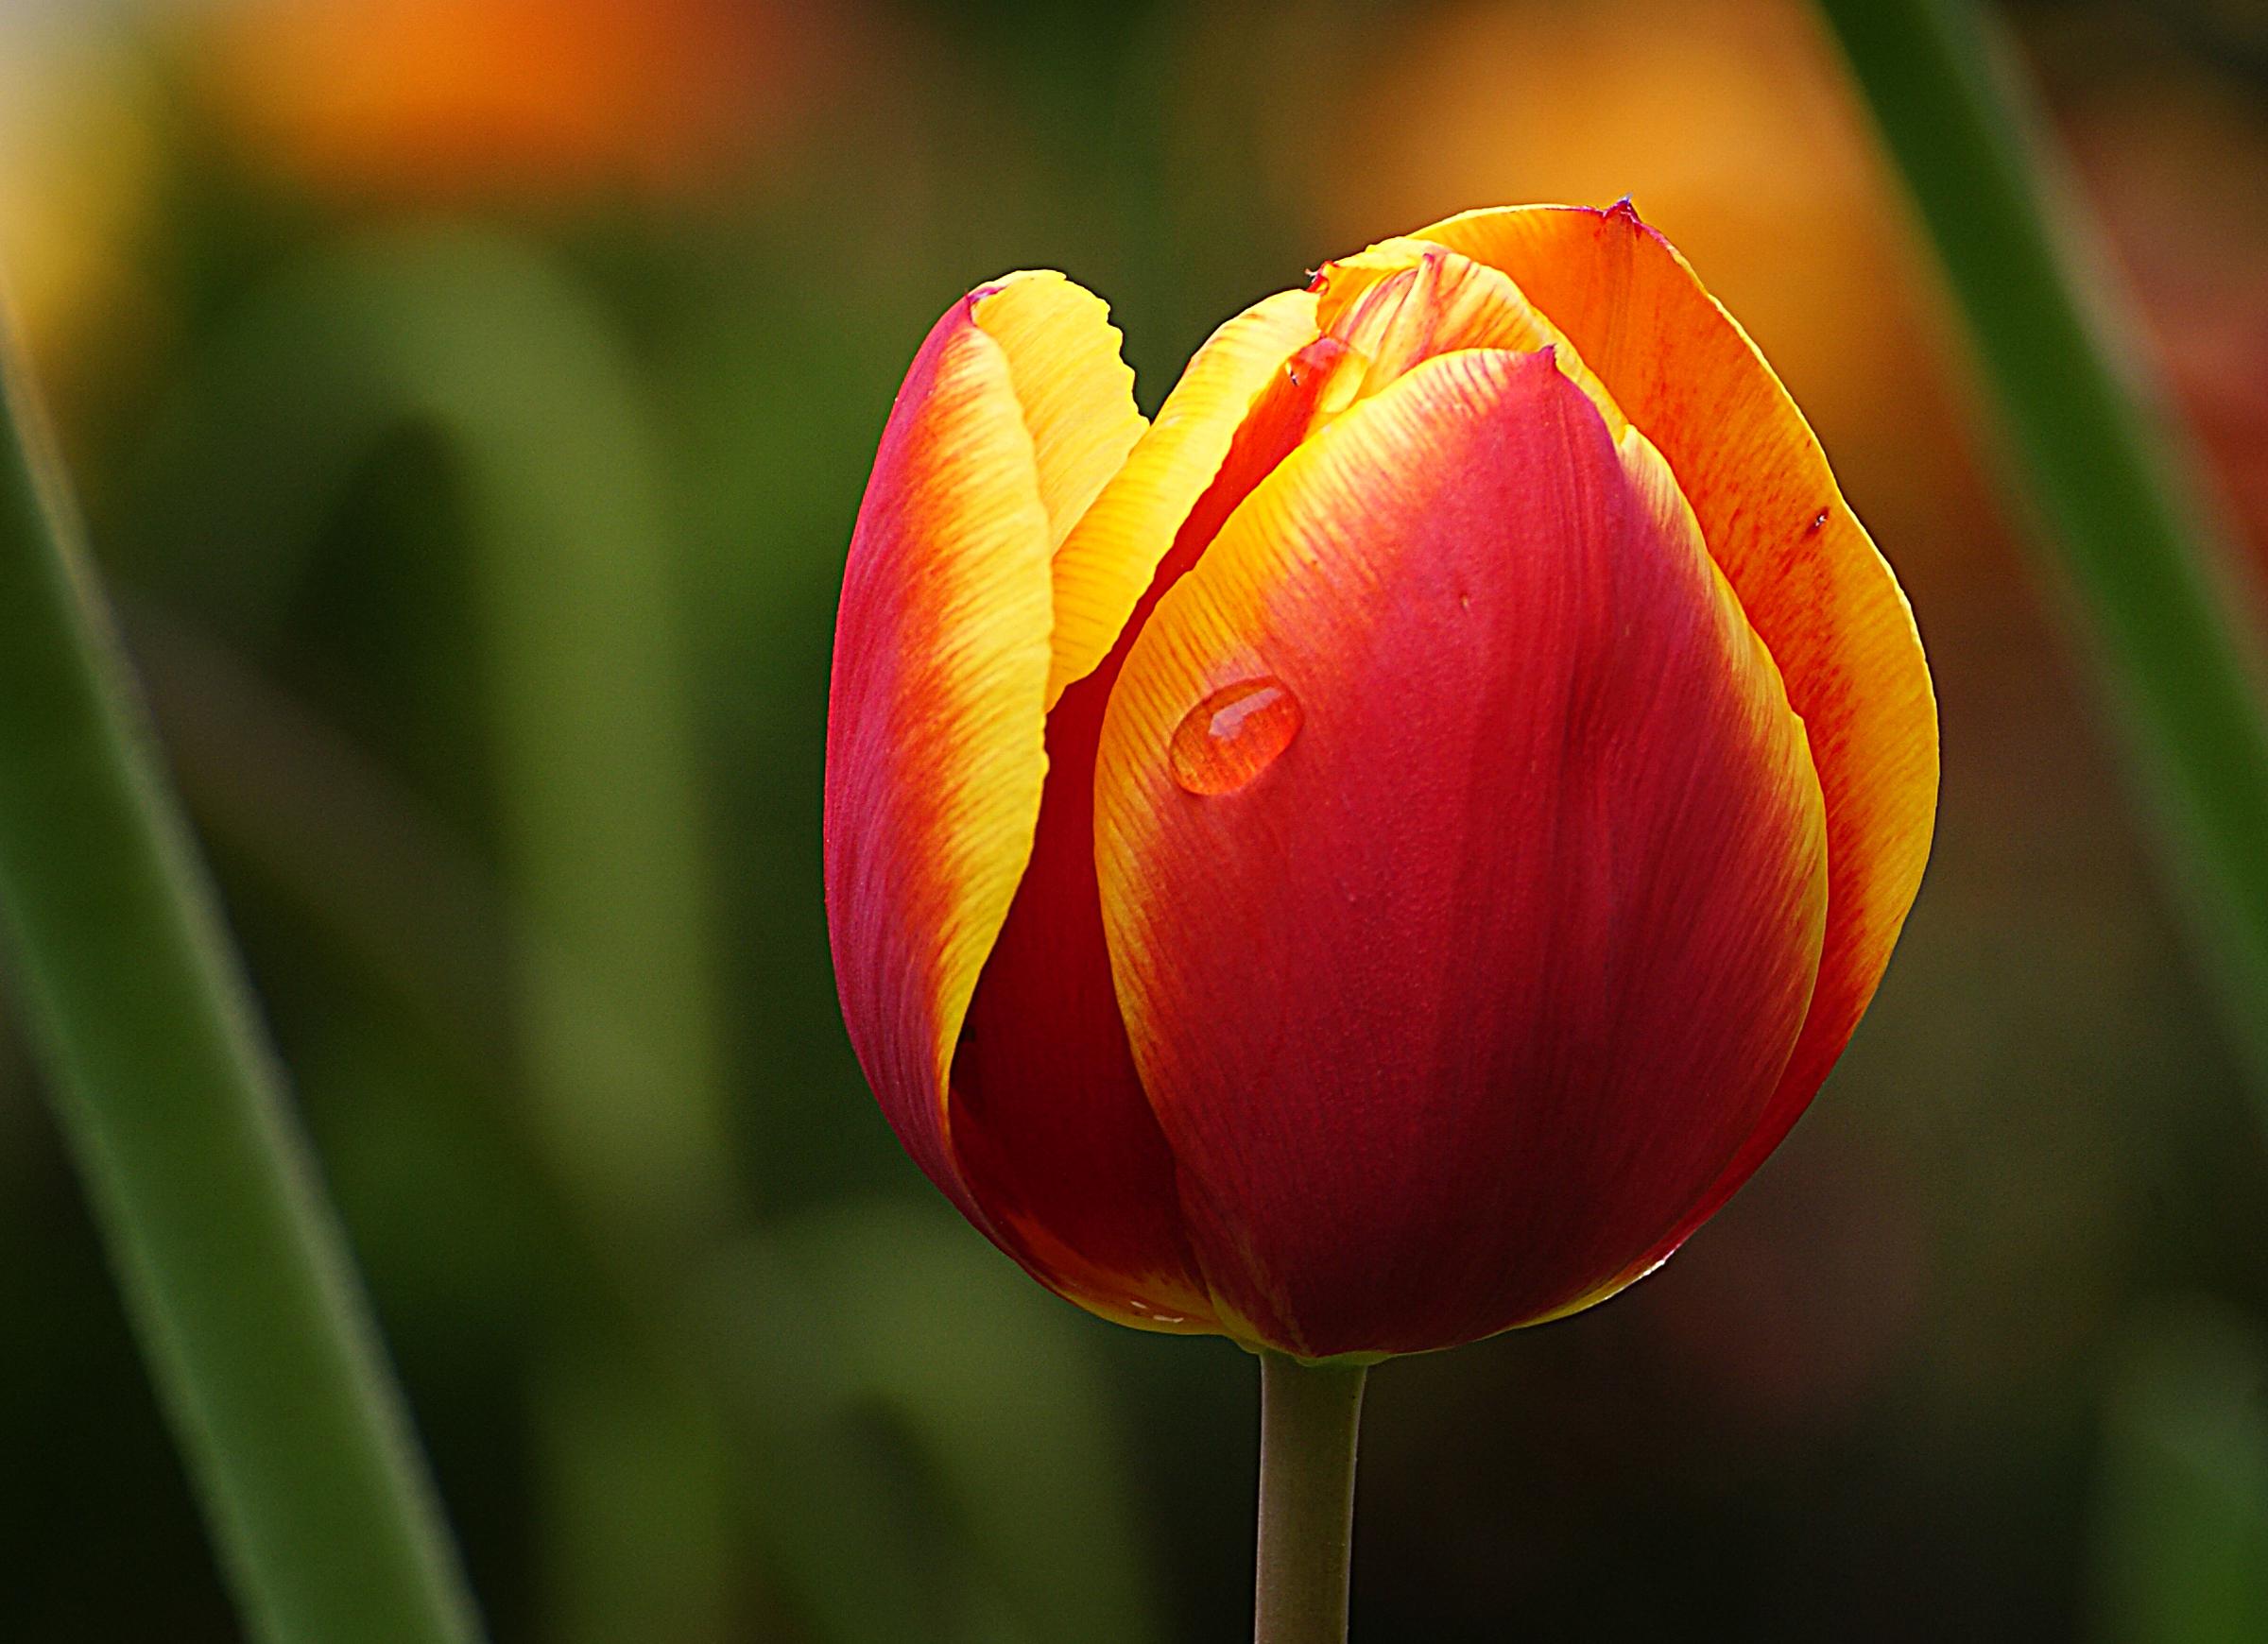 недвижимым имуществом, фото тюльпана крупным планом в хорошем качестве нас уже